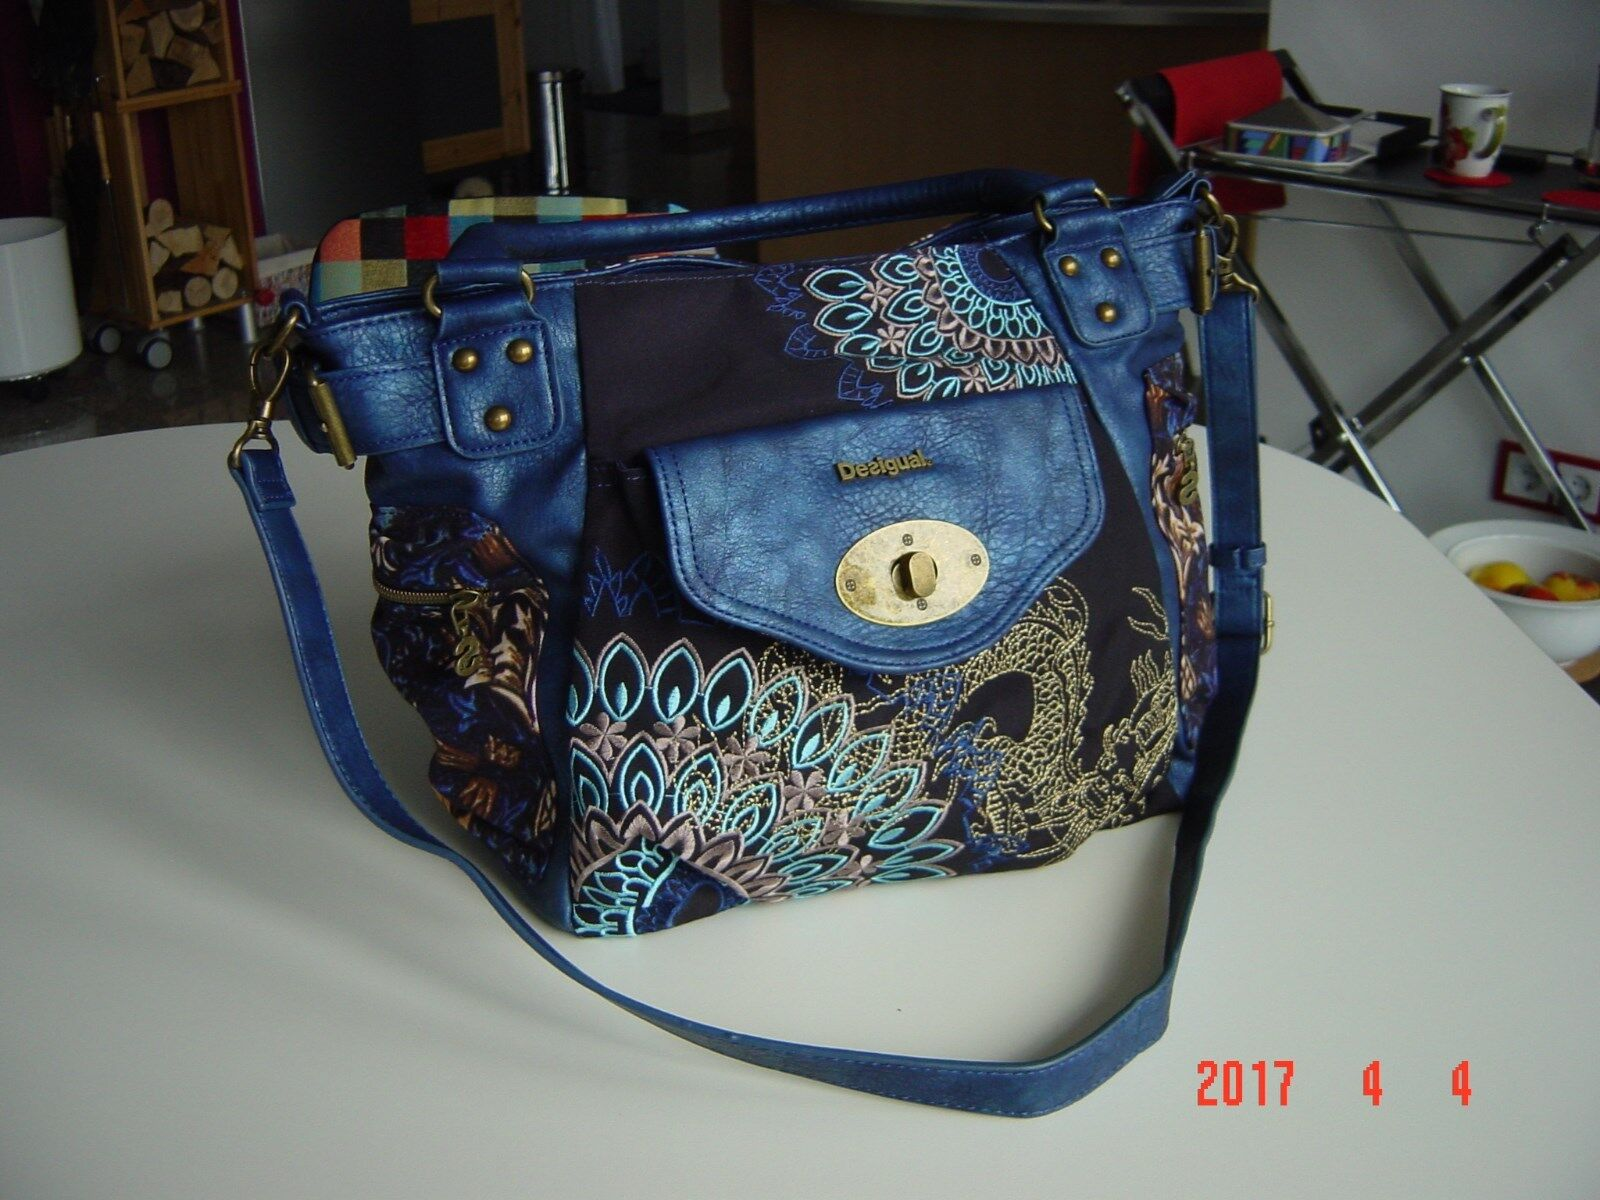 Desigual Damen Handtasche Shopper Blau neuwertig, top